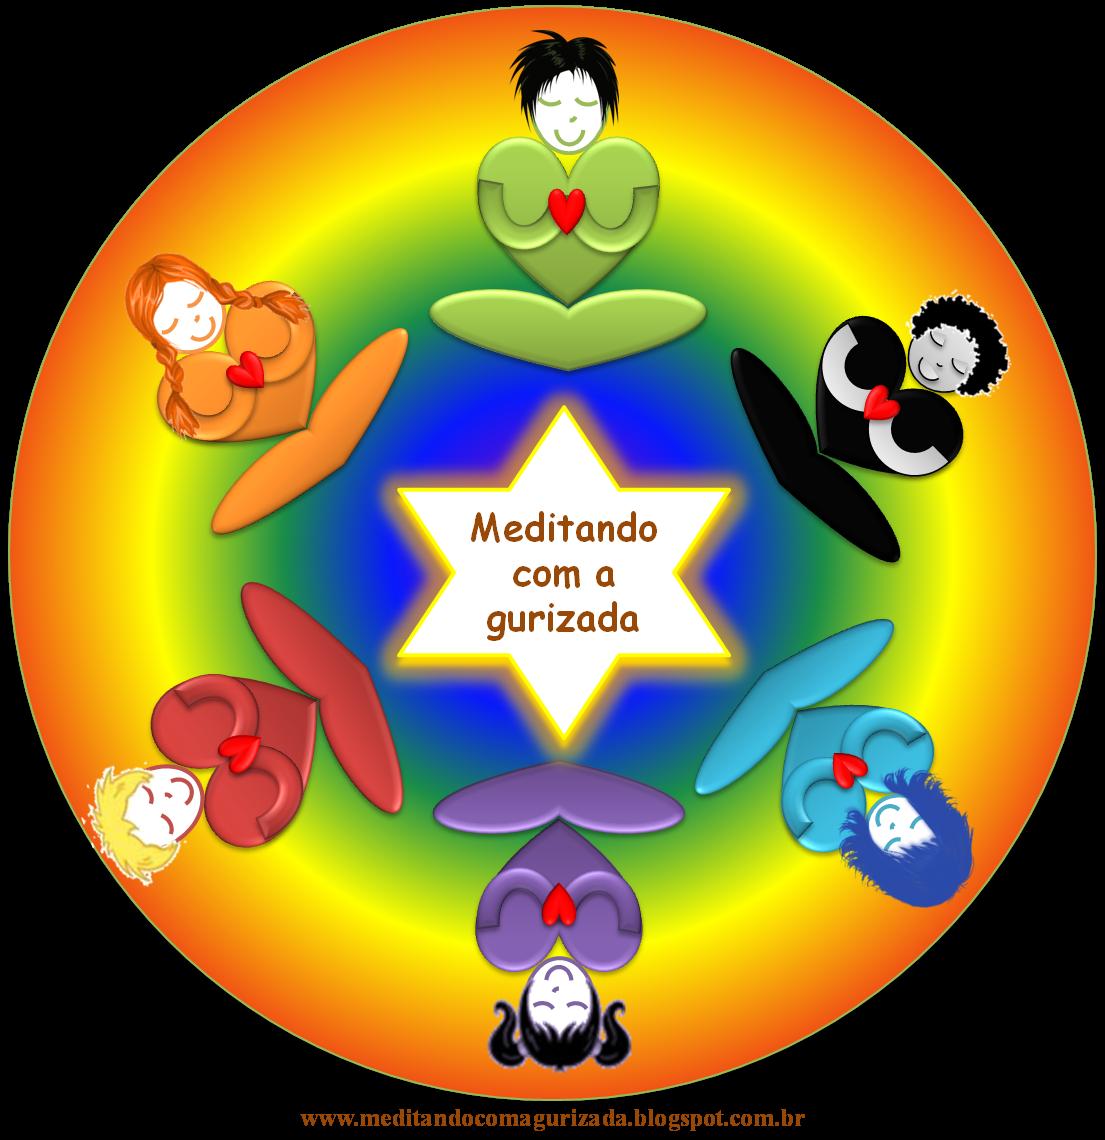 Blog Meditando com a Gurizada